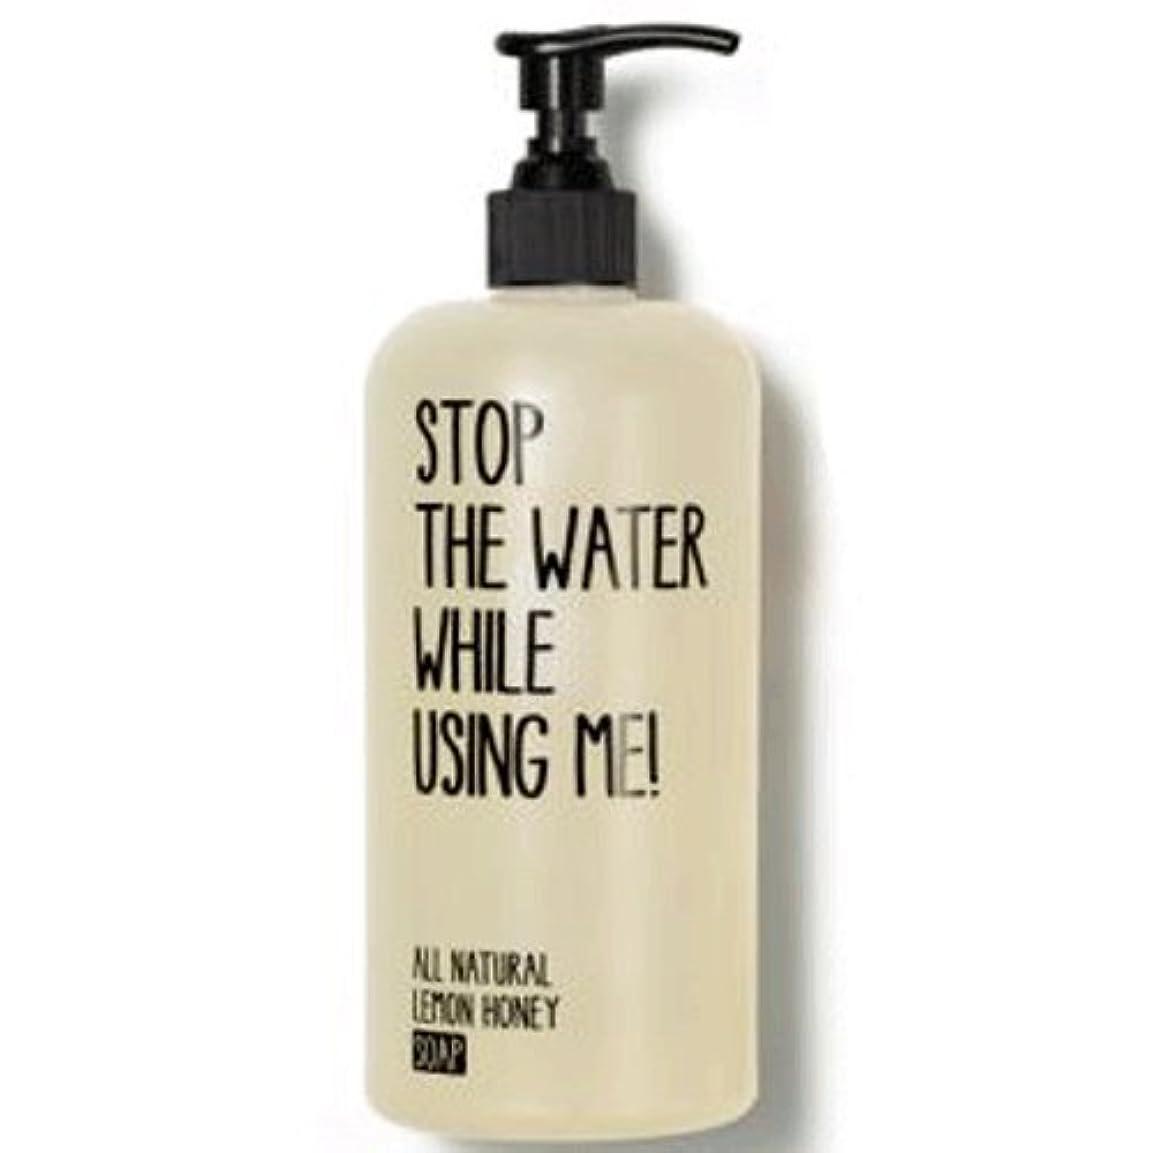 パラメータ非互換境界【STOP THE WATER WHILE USING ME!】L&Hソープ(レモン&ハニー) 500ml [並行輸入品]